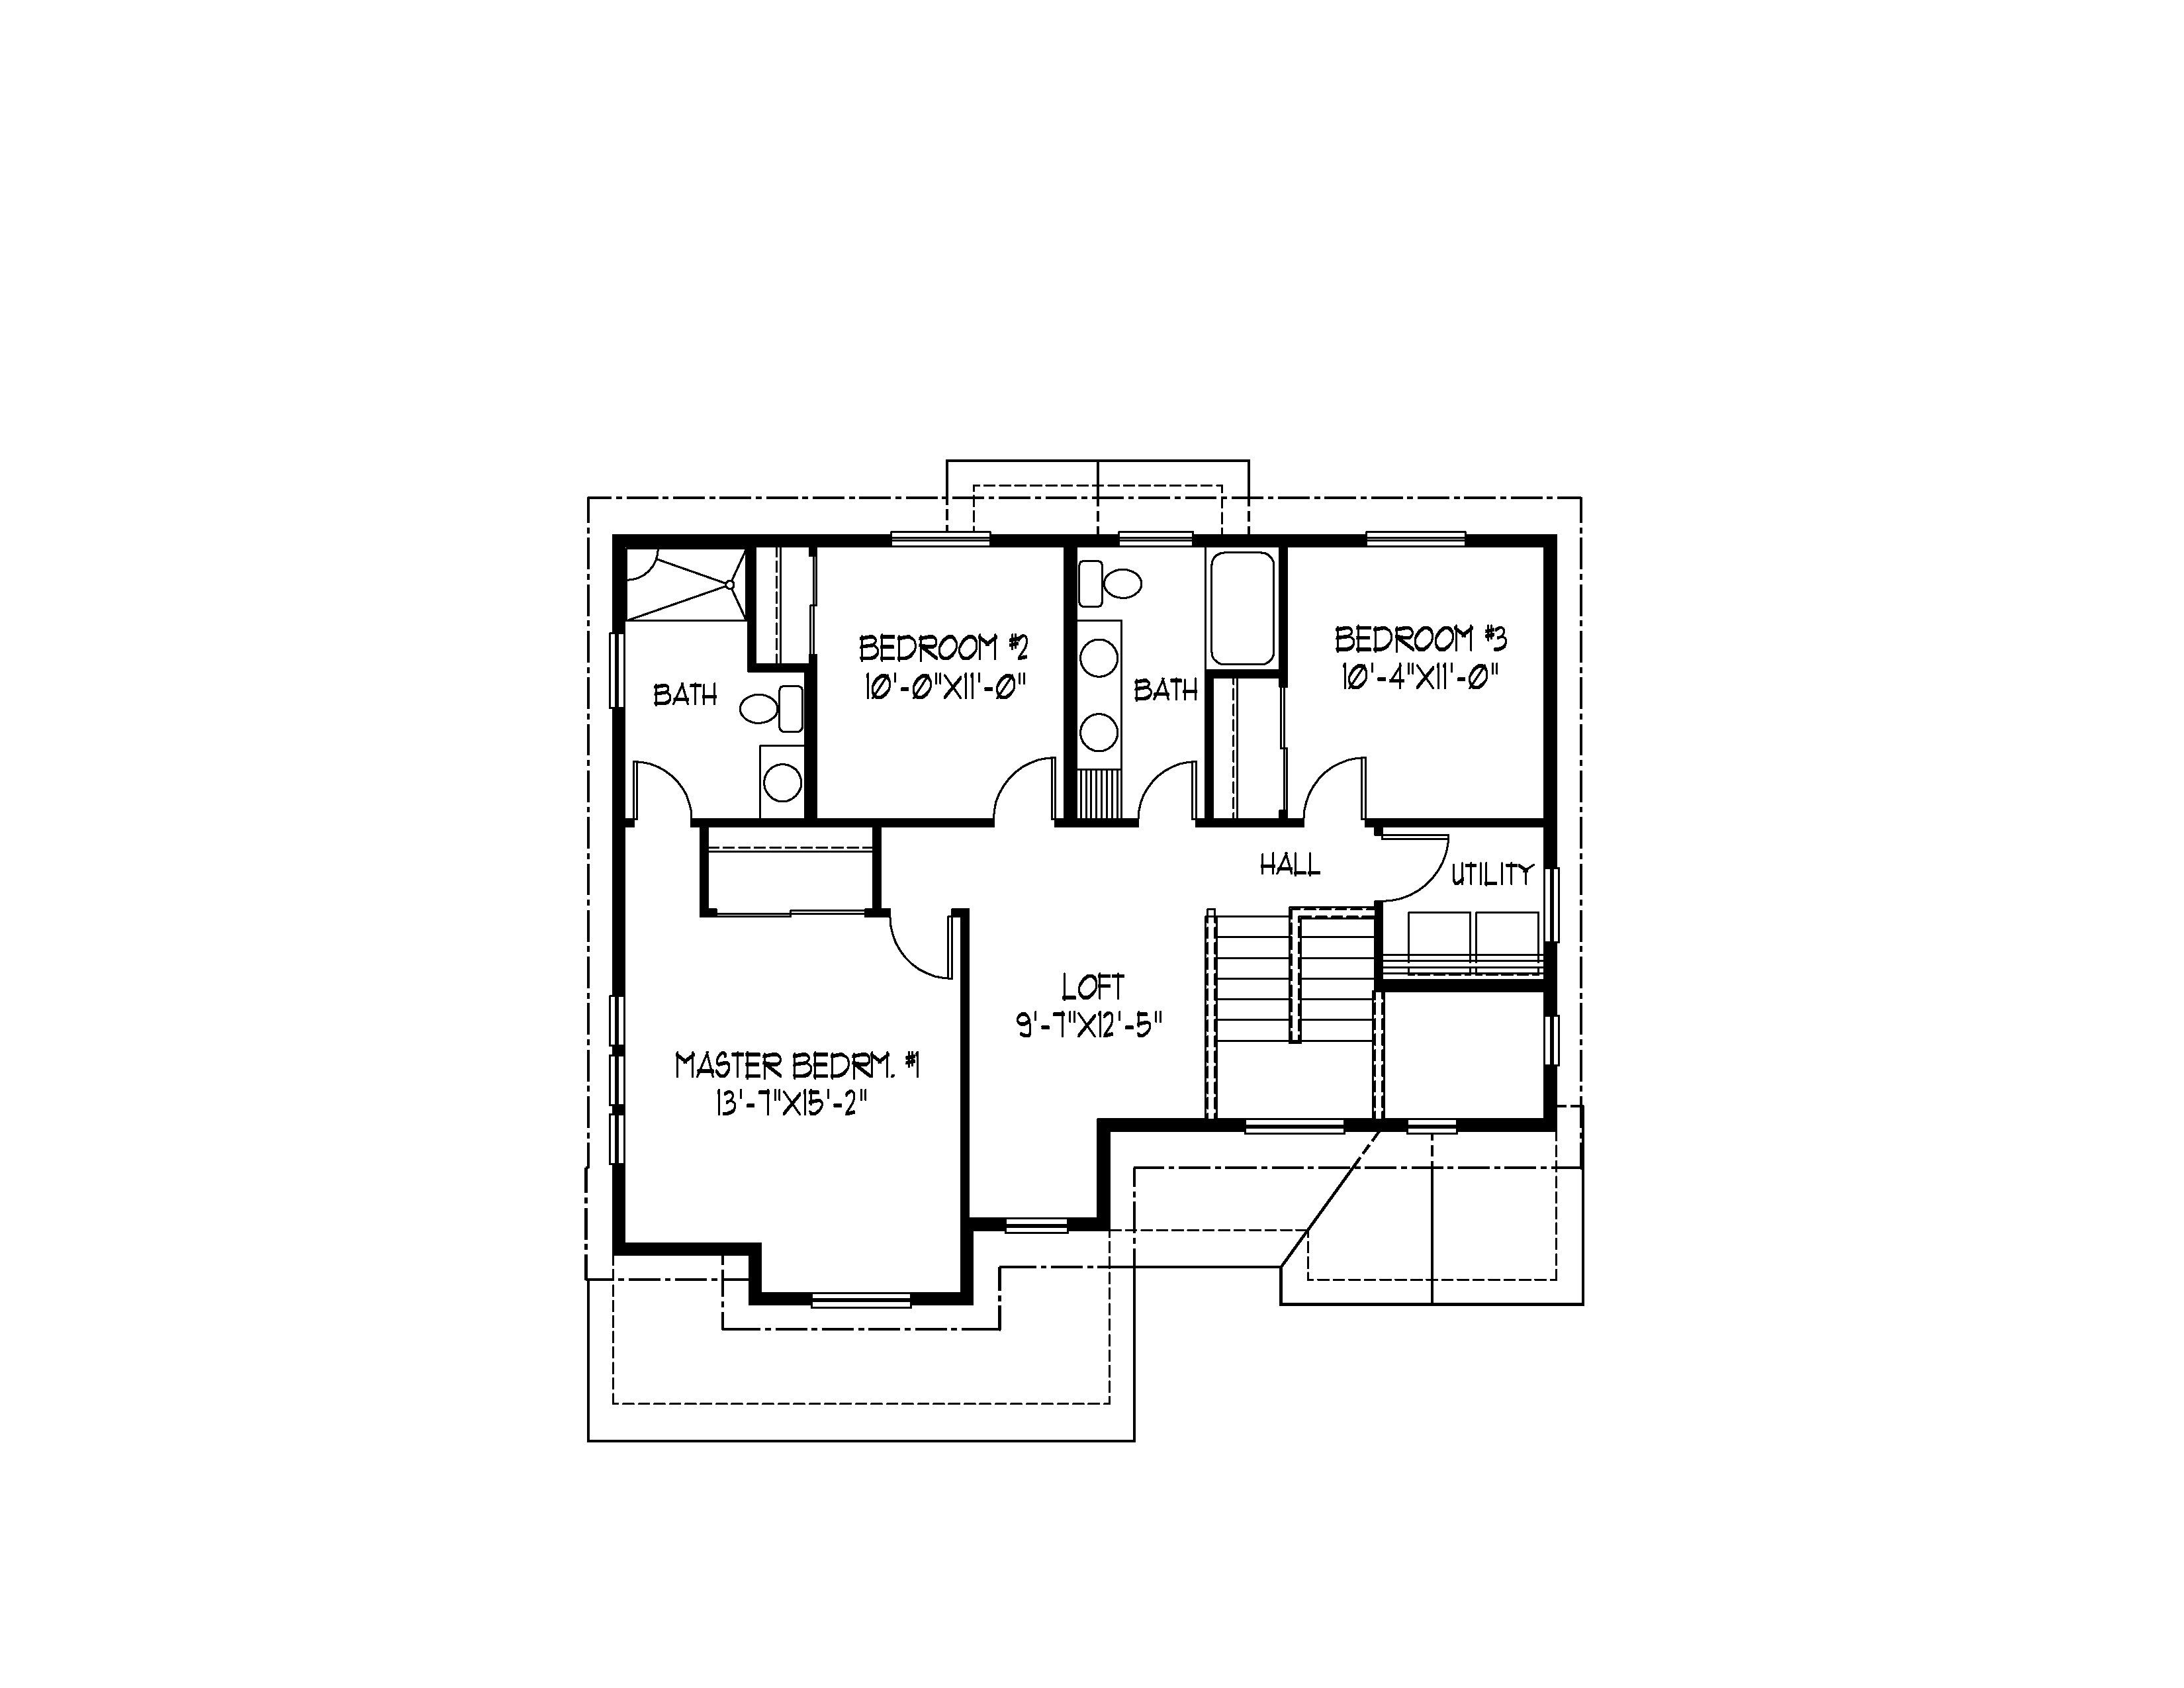 wiring diagrams for metal buildings plumbing diagram wiring diagram